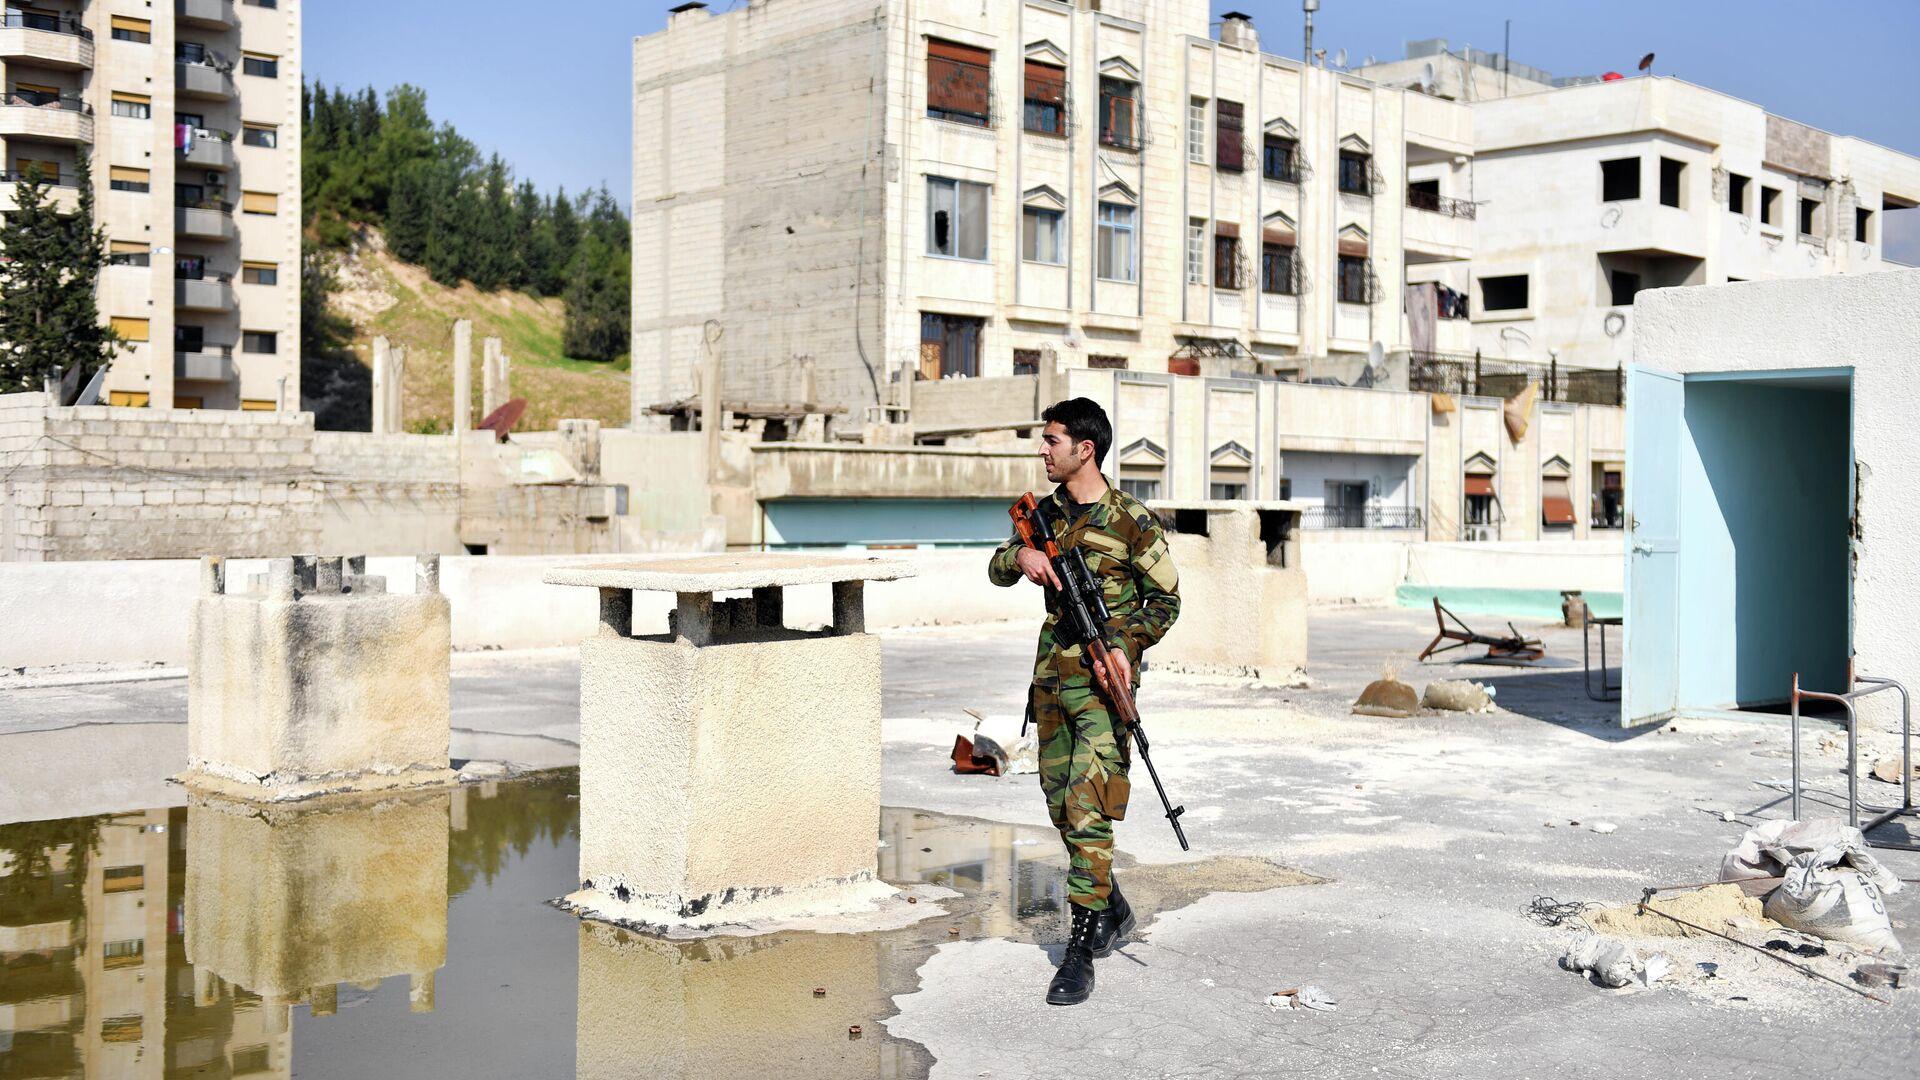 В Сирии заявили об атаке Израиля по территории к югу от Дамаска